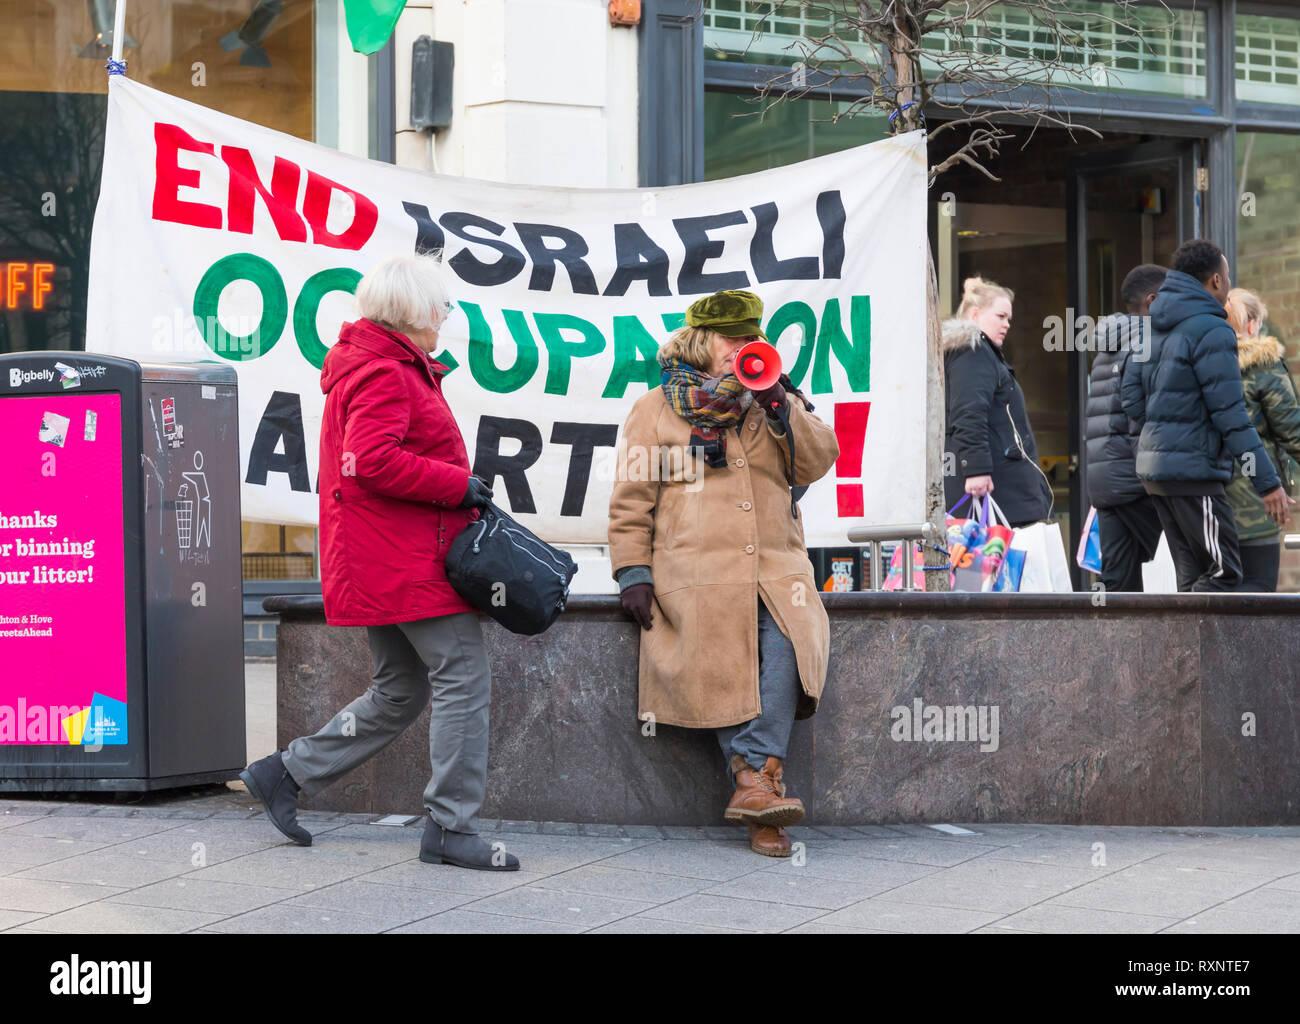 Los manifestantes BHPSC en East Sussex, Brighton (Reino Unido) protestando contra la ocupación militar israelí de los territorios palestinos. Imagen De Stock